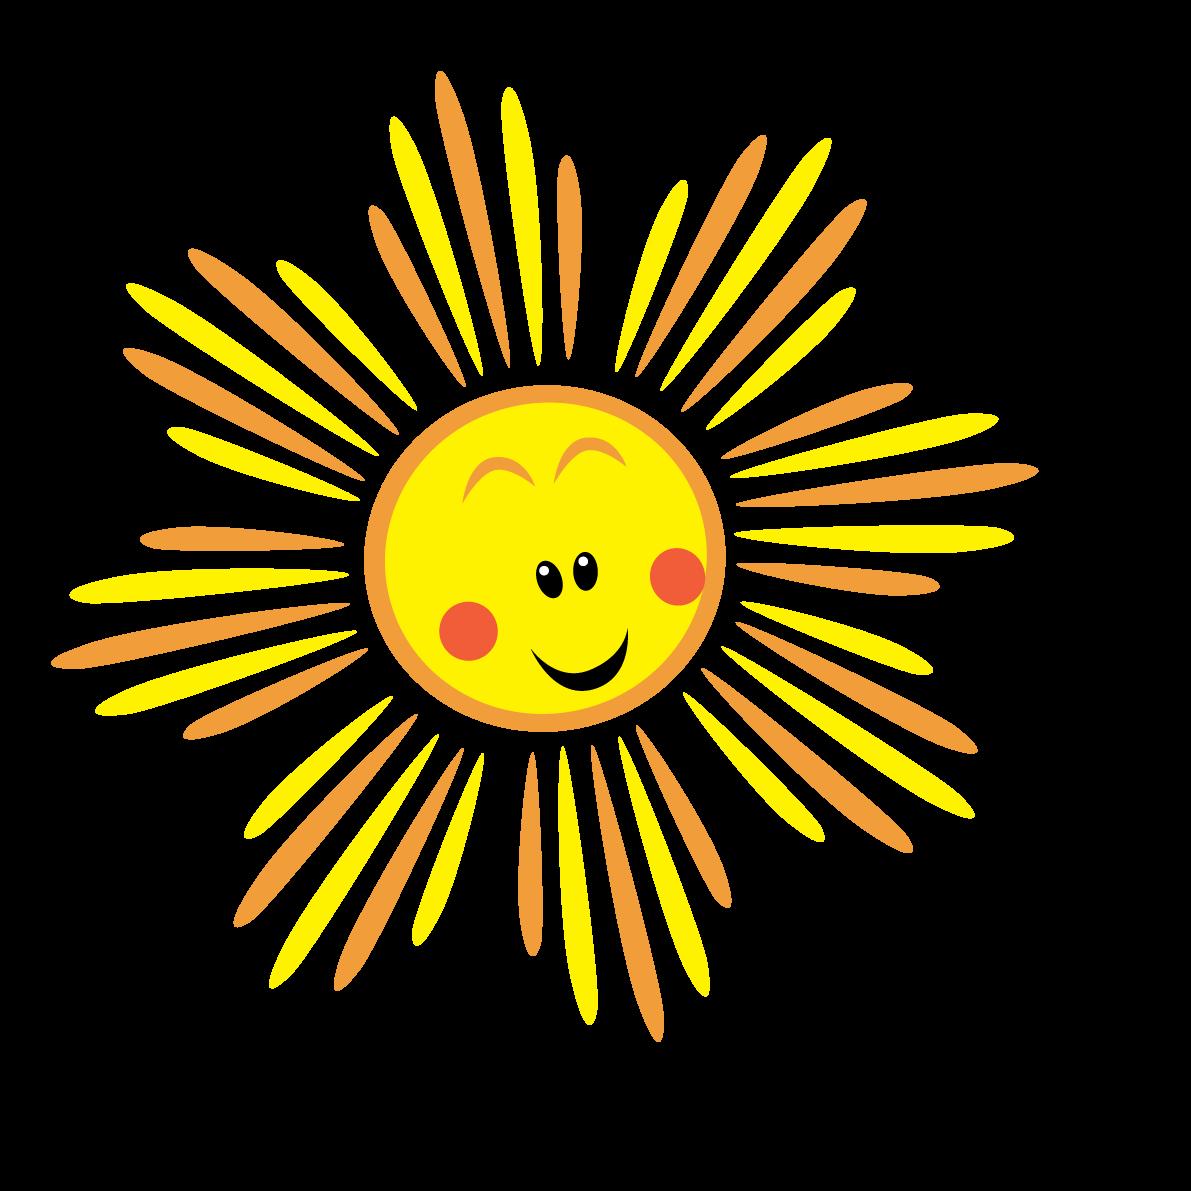 солнышко 03